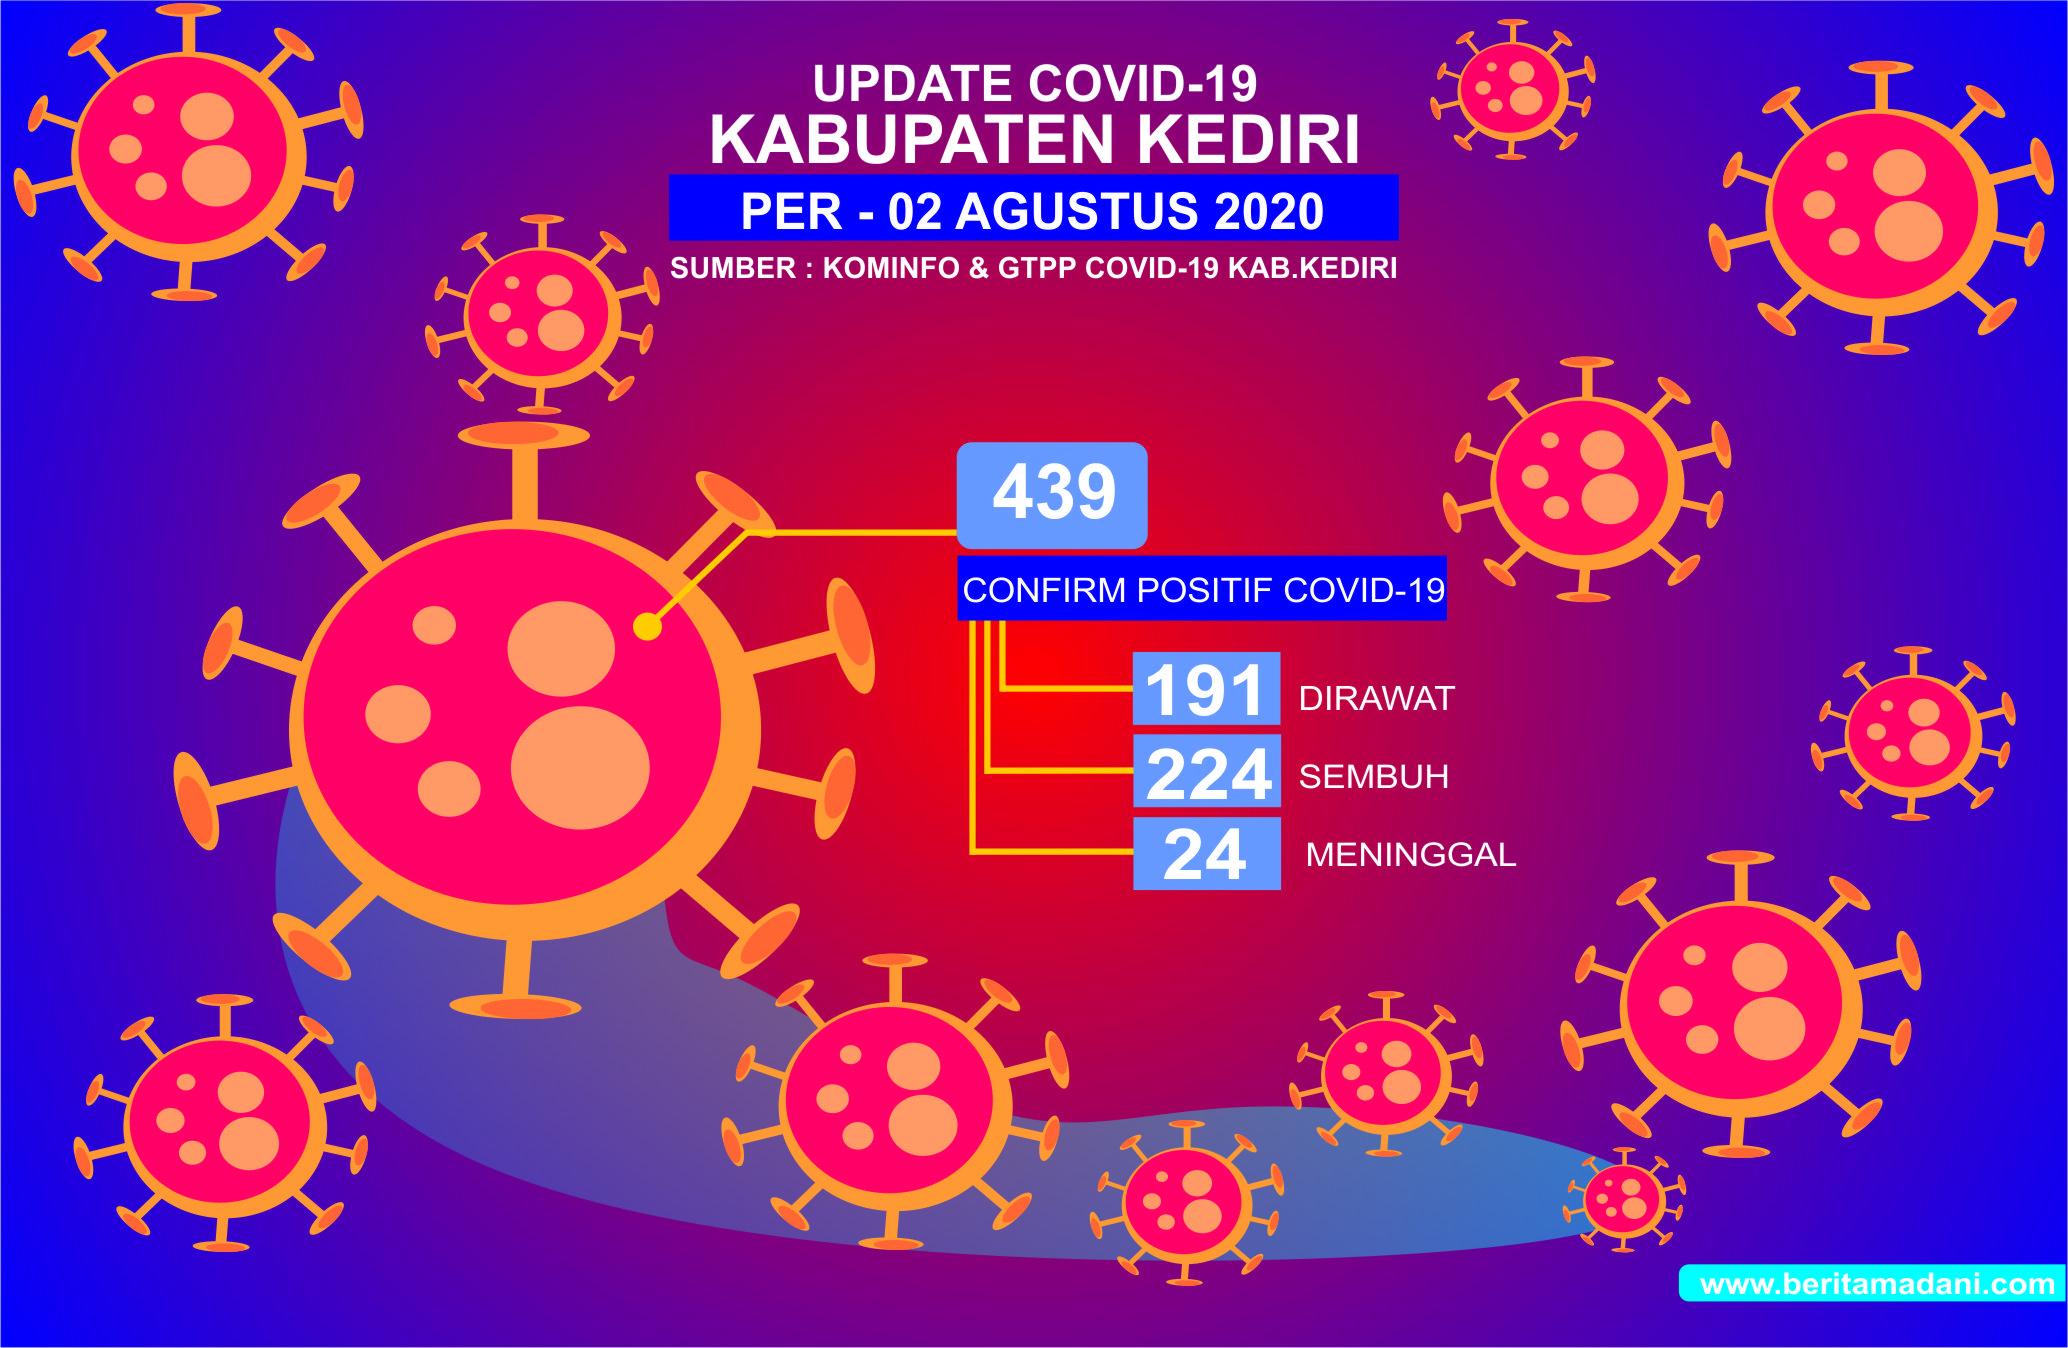 Update 2 Agustus 2020, Bertambah 22 Orang Positif Covid-19 di Kabupaten Kediri Total Saat Ini 439 Orang